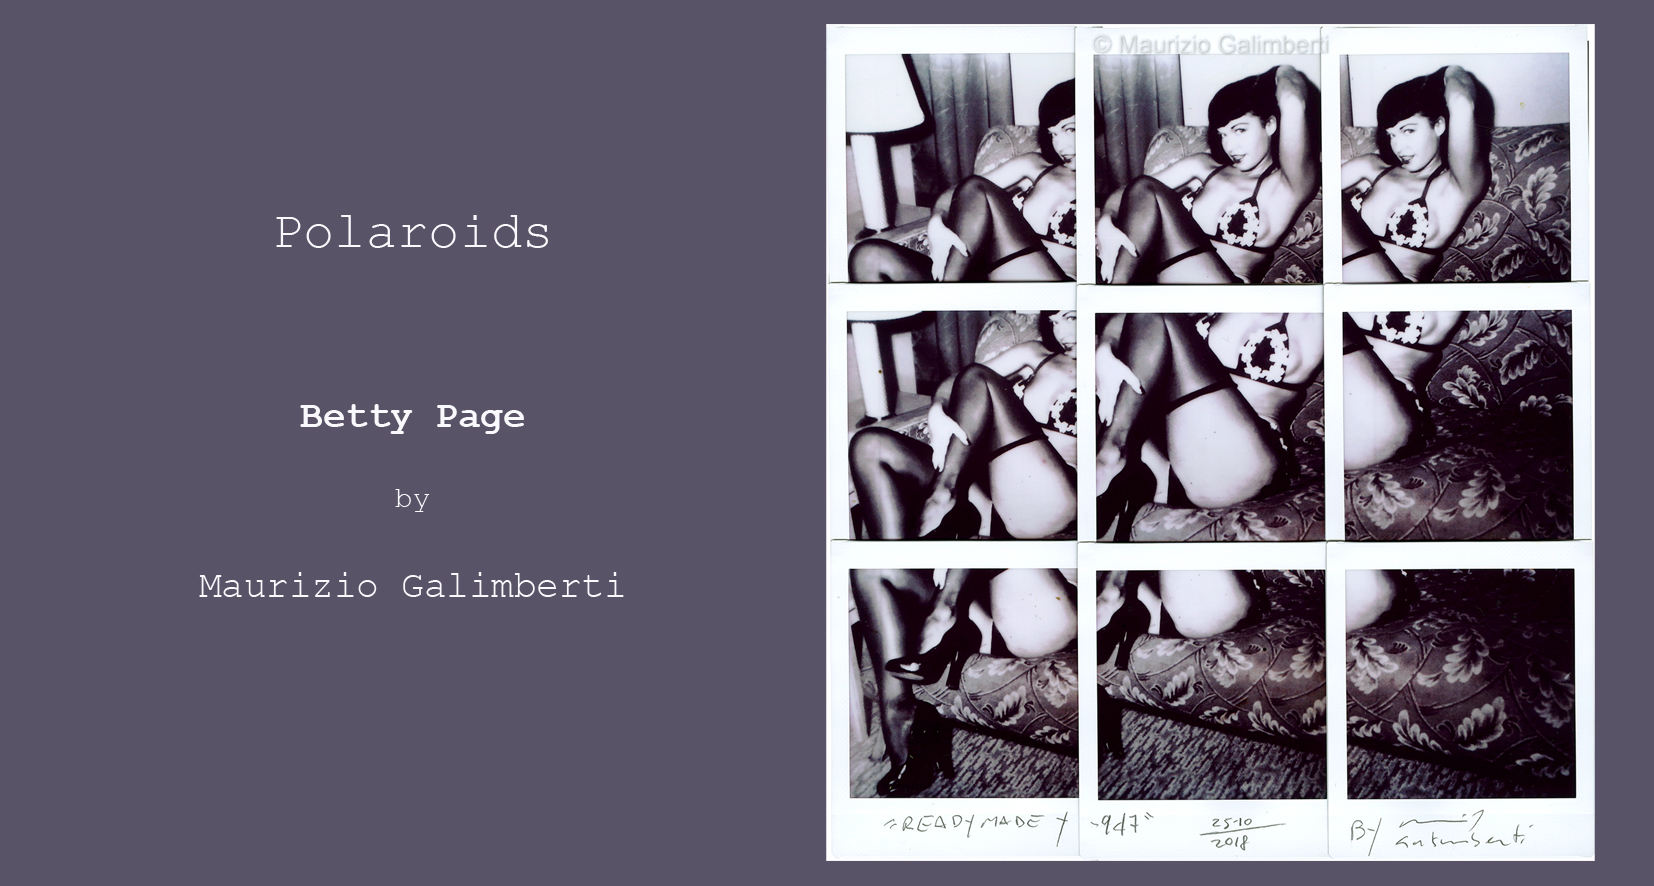 08-Title-Betty-Page-by-Galimberti.jpg